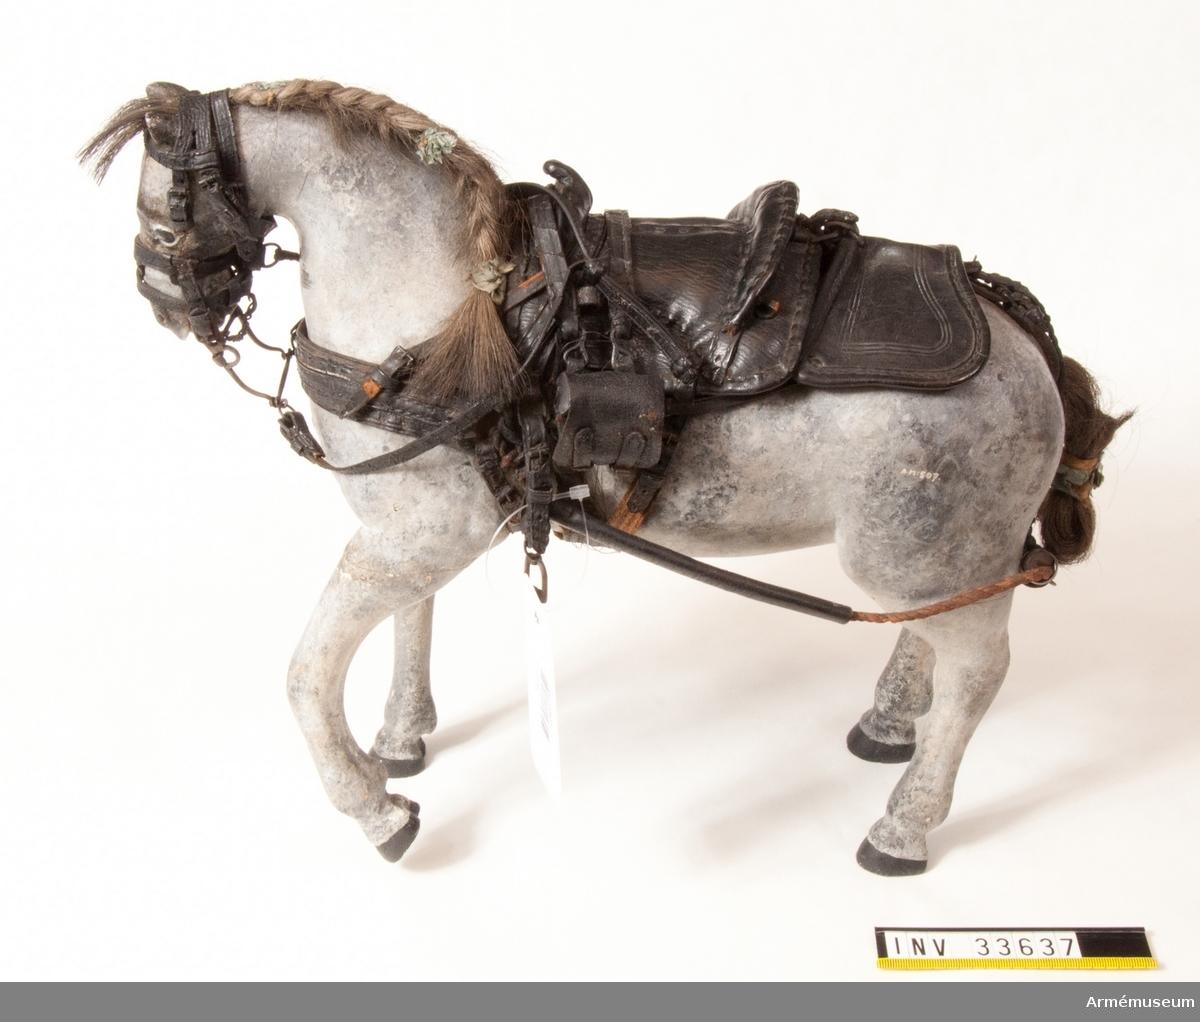 """Grupp K I Skala 1/8. Fullständigt selad och sadlad. Aktionshästar användes endast under själva striden till  pjäsernas förande på slagfältet, under det föreställare med spannhästar fördes bakom stridslinjen. De reds av särskilt indelat manskap kallat """"de beridna"""". """"Hästar, små, med inventionssadel, inlämnade av majoren, sedemera generalfälttygmästaren Anrep, 2 st,´ Inventarium på alla  Gevärs-Sorter, Modeller m.m. som tillhöra General Fält  Tygmästare Contoiret. 18 maj 1780."""""""